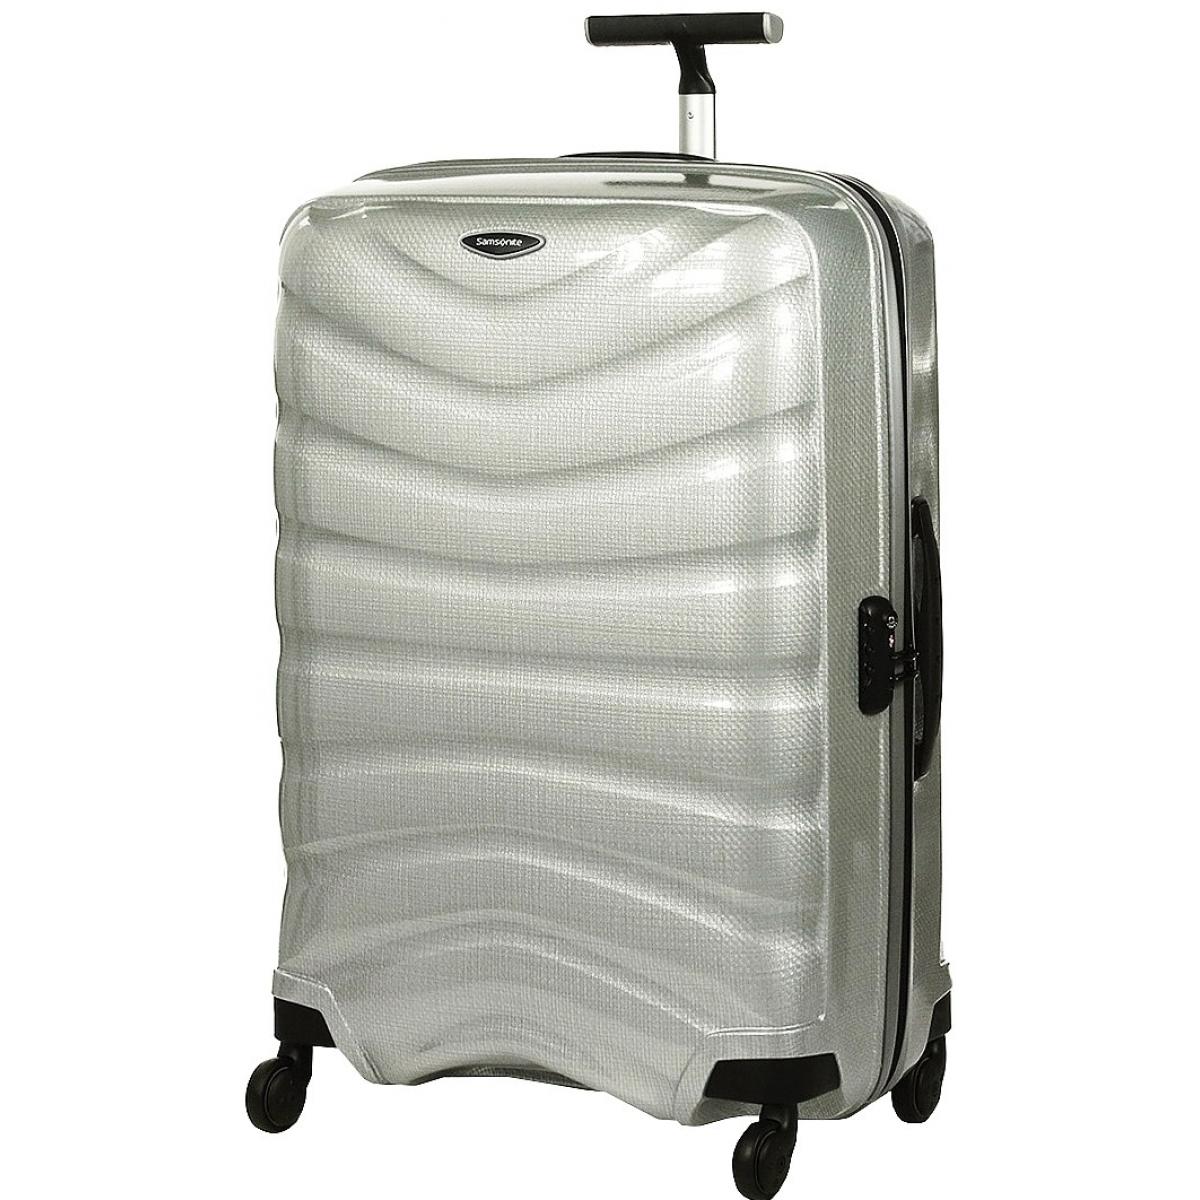 valise samsonite firelite spinner 75cm firelite61 couleur principale silver promotion. Black Bedroom Furniture Sets. Home Design Ideas